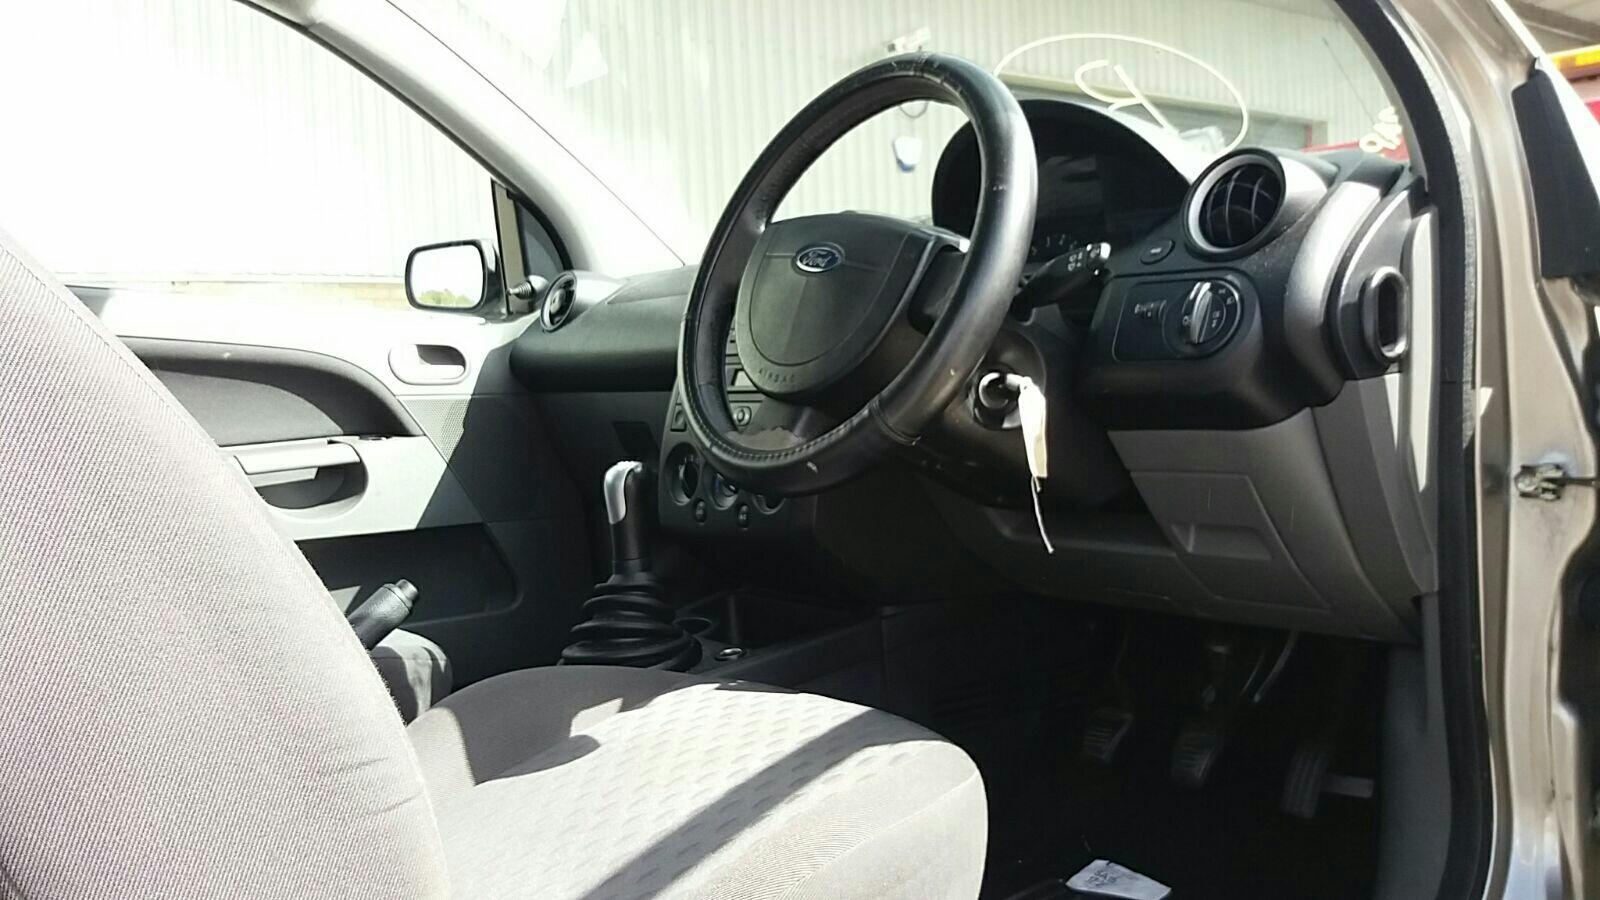 Ford Fiesta 2002 To 2008 3 Door Hatchback